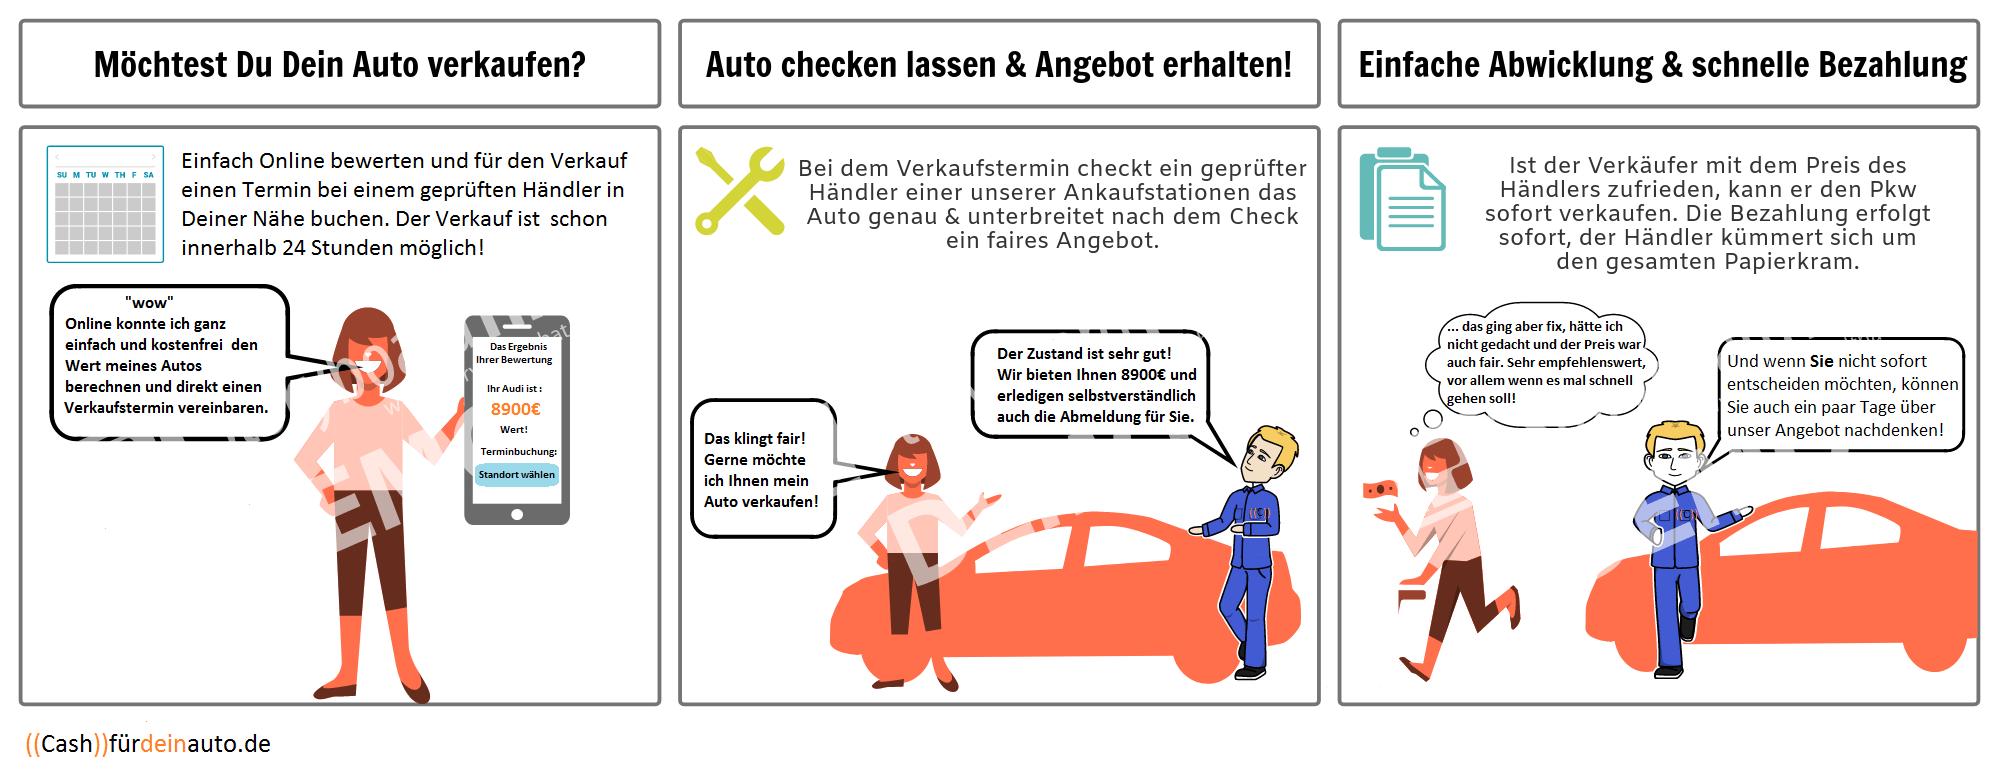 wir-kaufen-dein-auto-Hilden-Heiligenhaus-Solingen-Neuss-Erkrath-Wuppertal-Haan-Duesseldorf-NRW-ablauf-des-autoverkaufs-mit-unterstuetzung-von-cashfurdeinauto-de-1.5.png